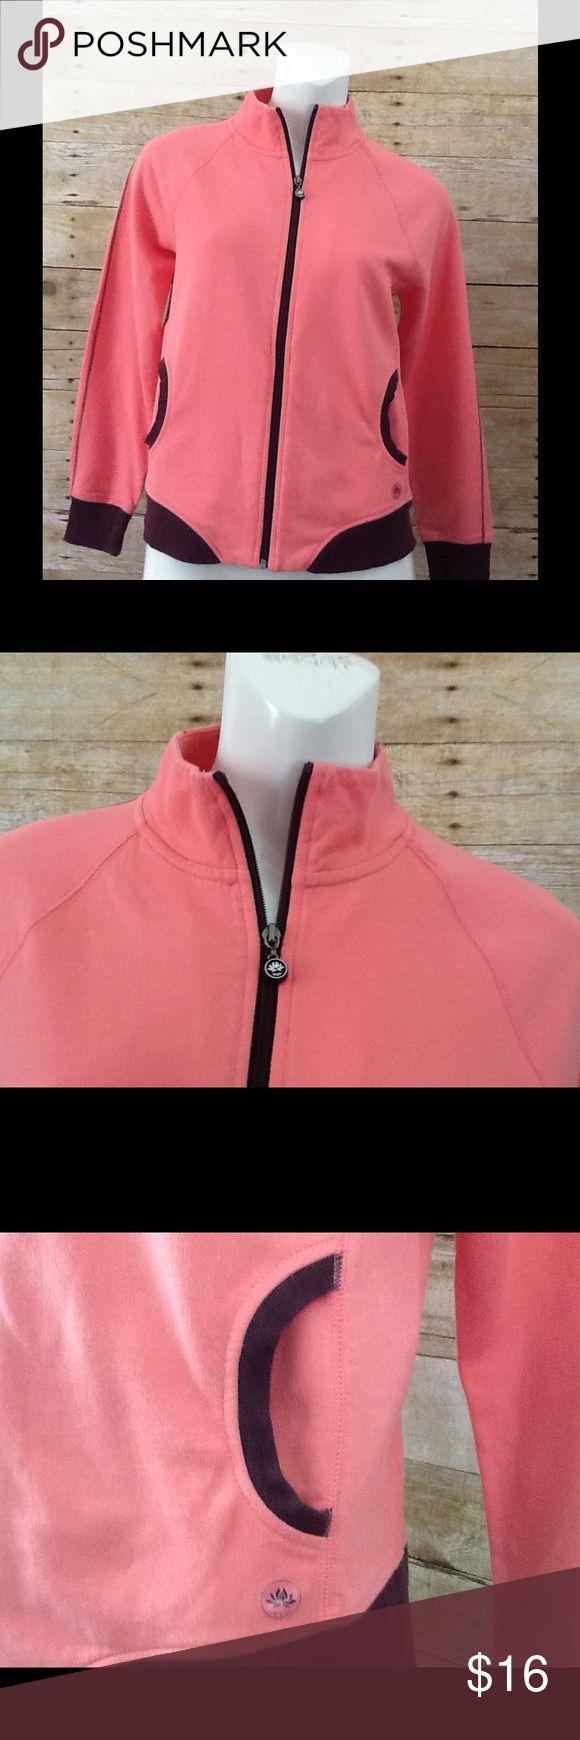 """New York Laundry Petite N.Y.L.Sweatshirt Jacket New York Laundry Petite N.YL. Zip Up Sweatshirt Jacket. 100% Cotton. Women's Size PL. Chest Measurements 18"""". New York Laundry Tops Sweatshirts & Hoodies"""